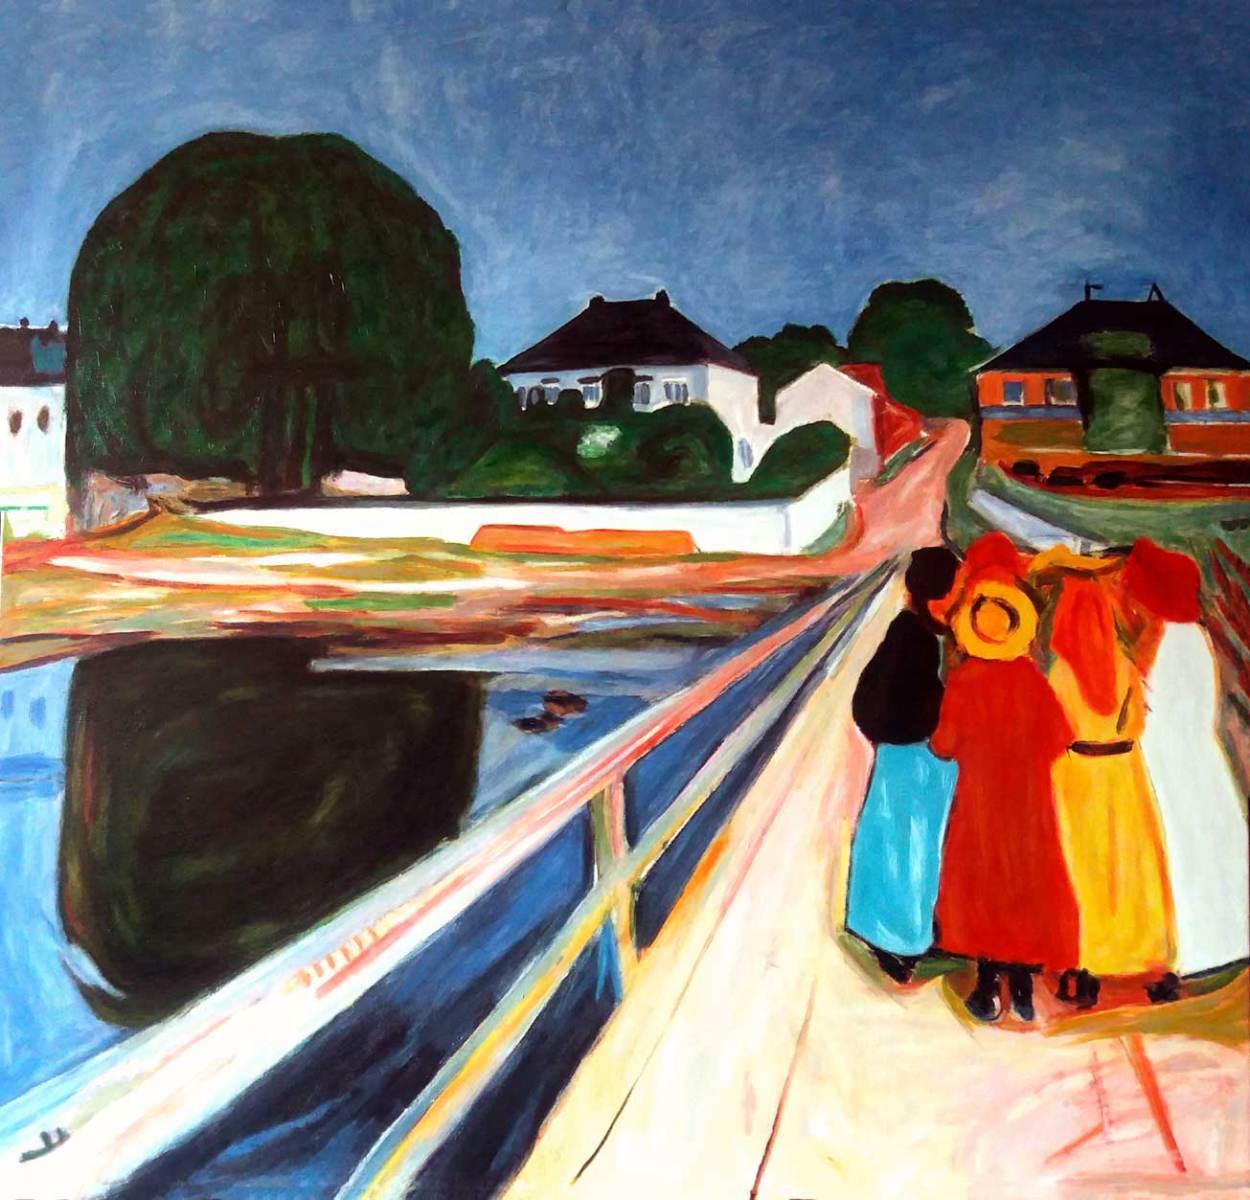 Muchachas en el puente Edouard Leon Cortes